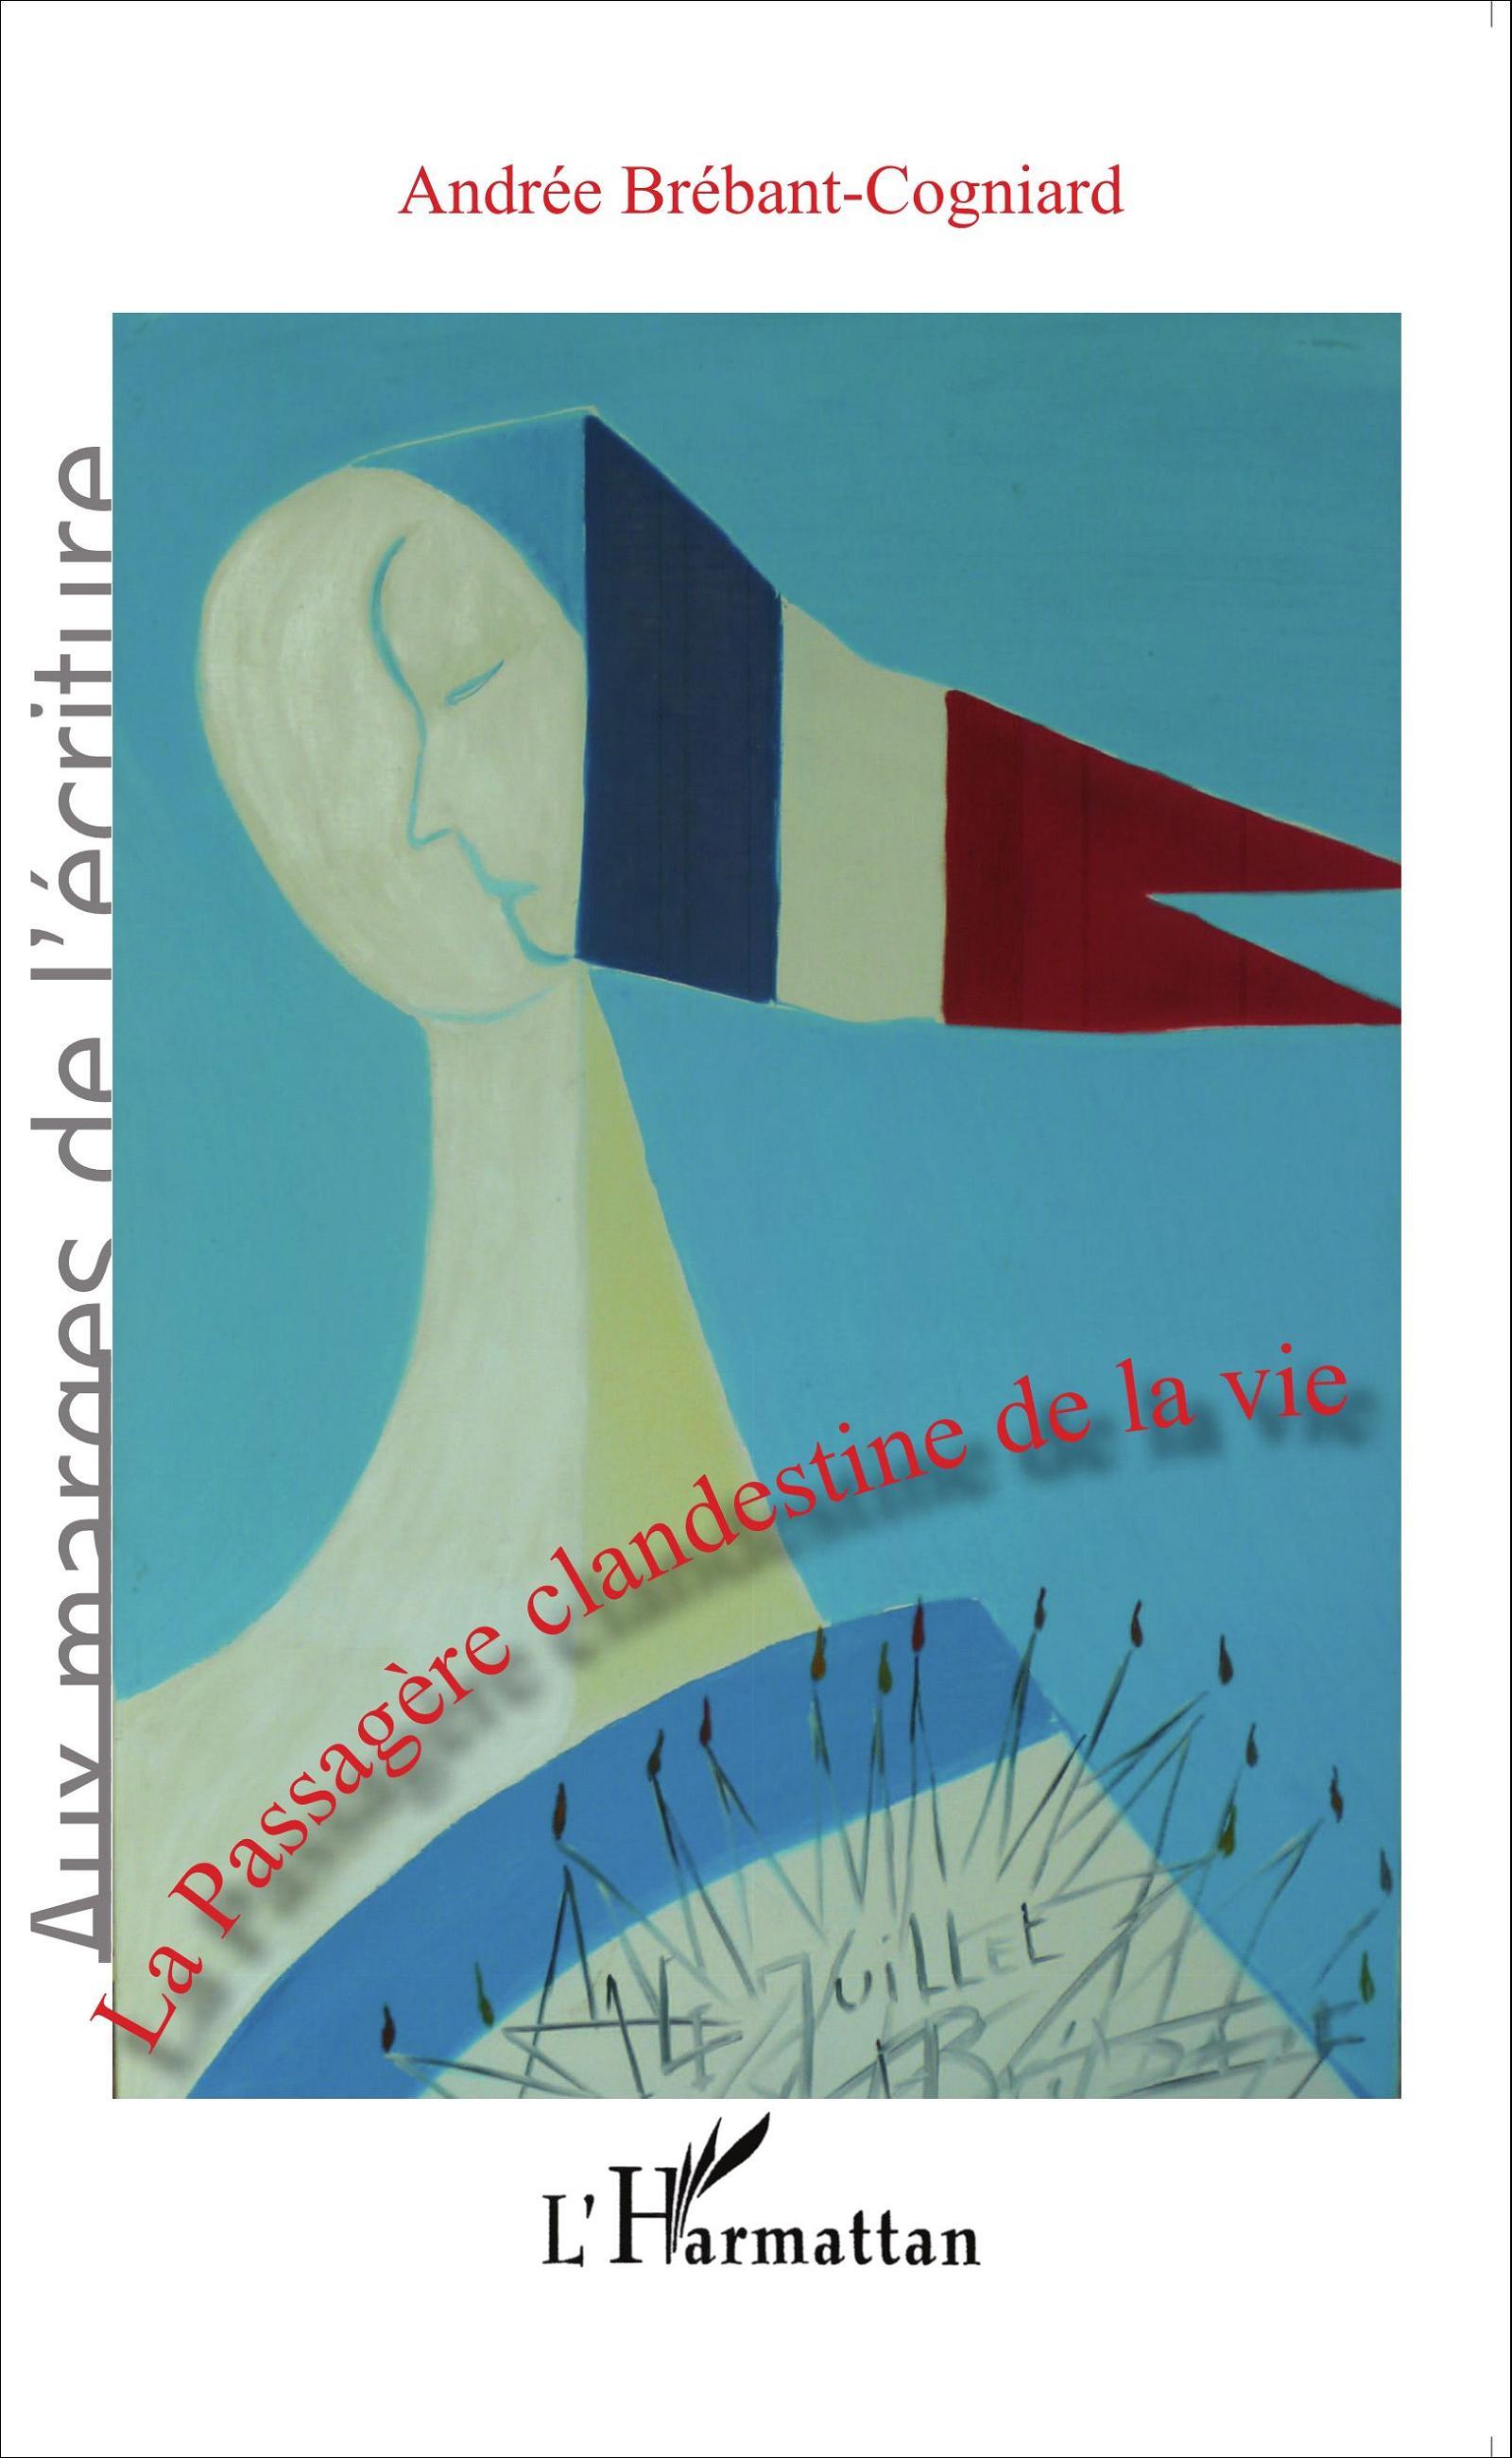 Alphabet pour une gabonite (French Edition)